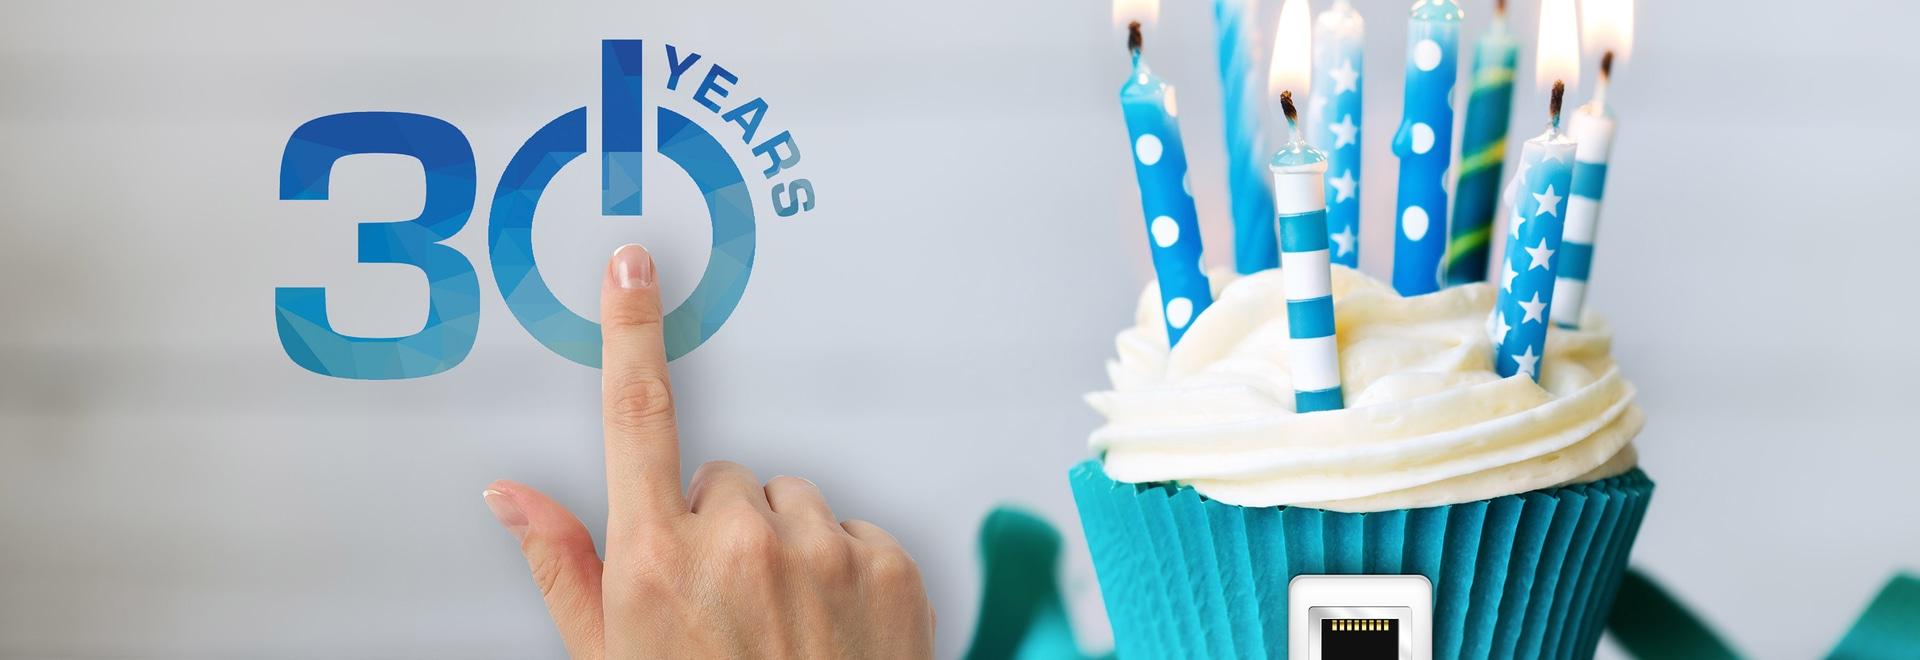 SMI: 30 años conneted al mercado